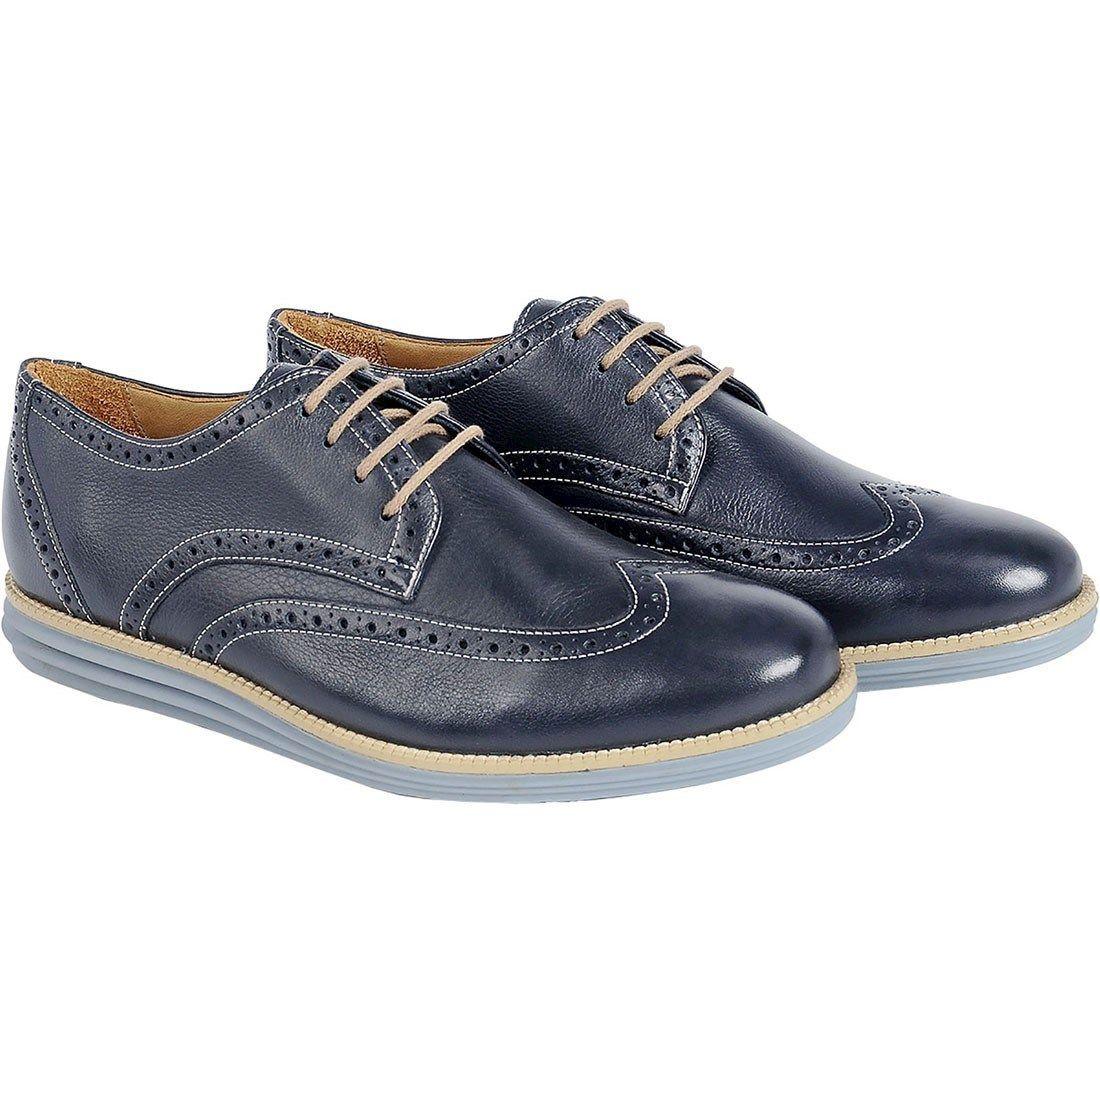 3389e9fc54 Sapato Masculino Sandro Moscoloni Gregon   RAKUTEN   Dress Shoes ...